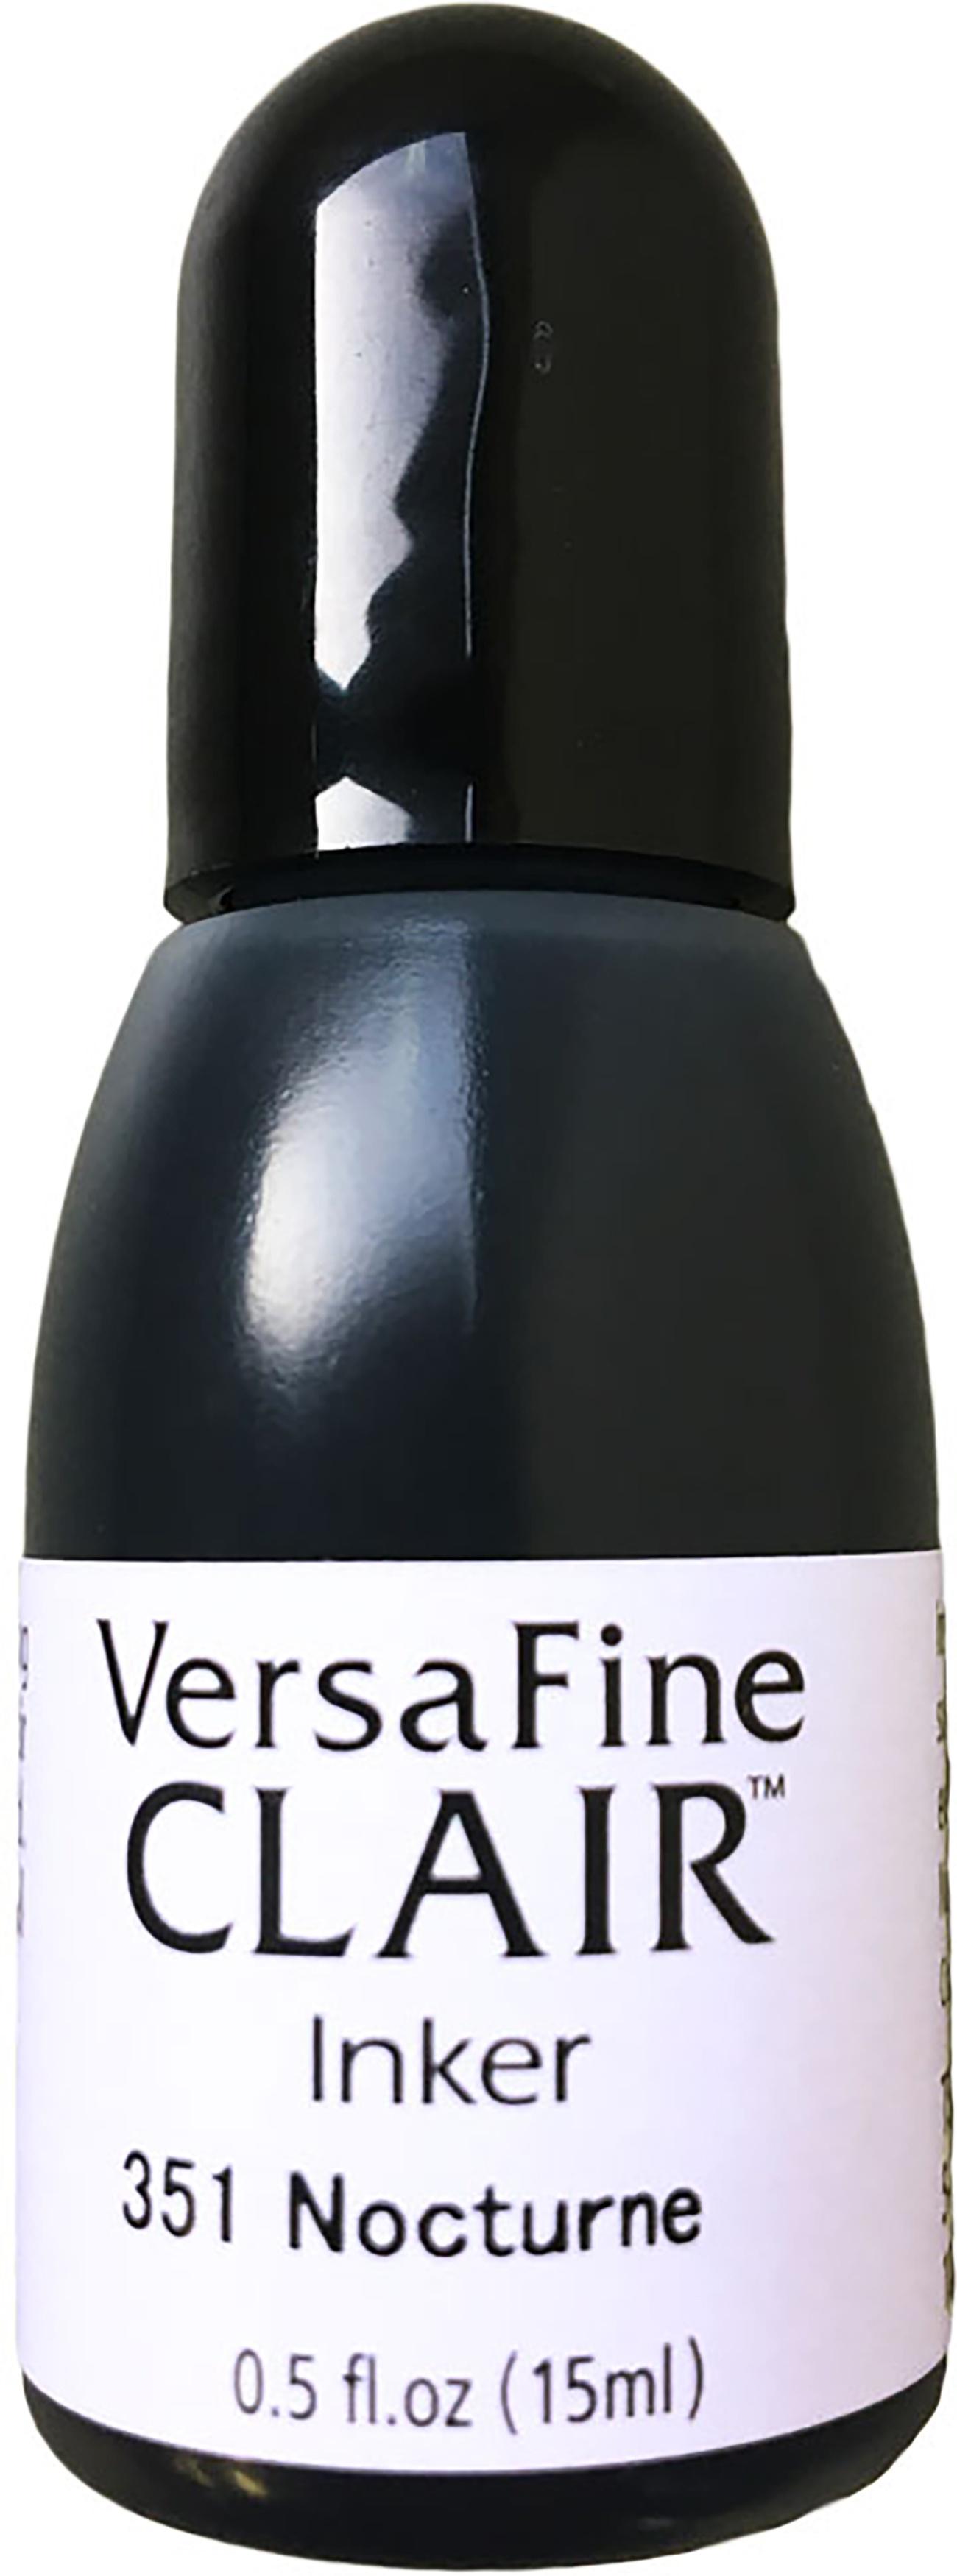 VersaFine Clair Inker-Nocturne